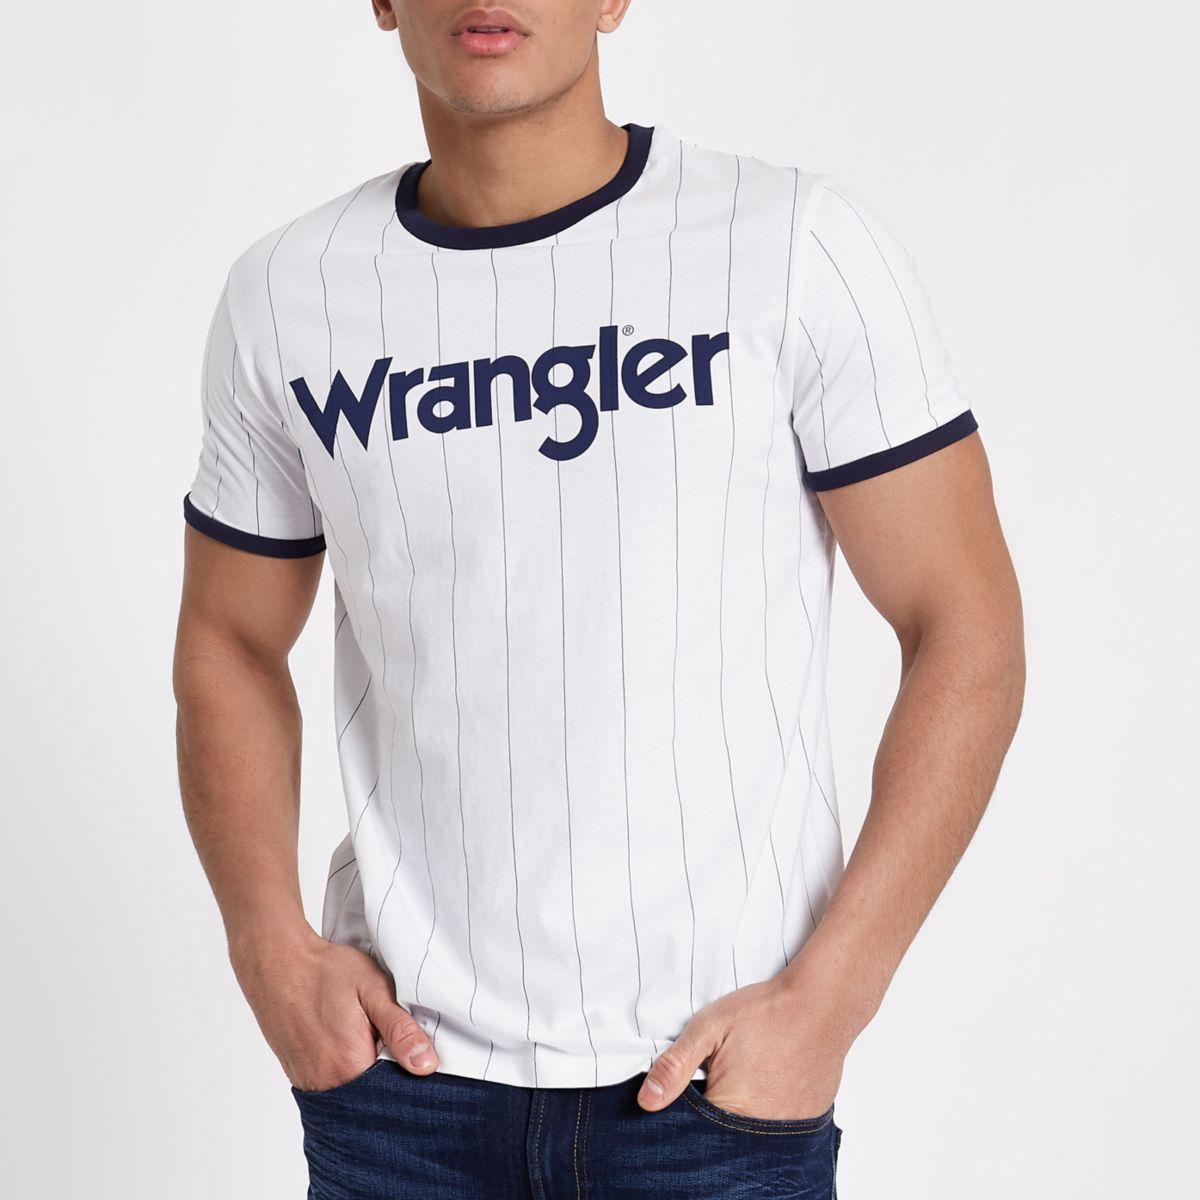 Wrangler - T-shirt rayé blanc à bordures contrastantesRiver Island IXDDAv